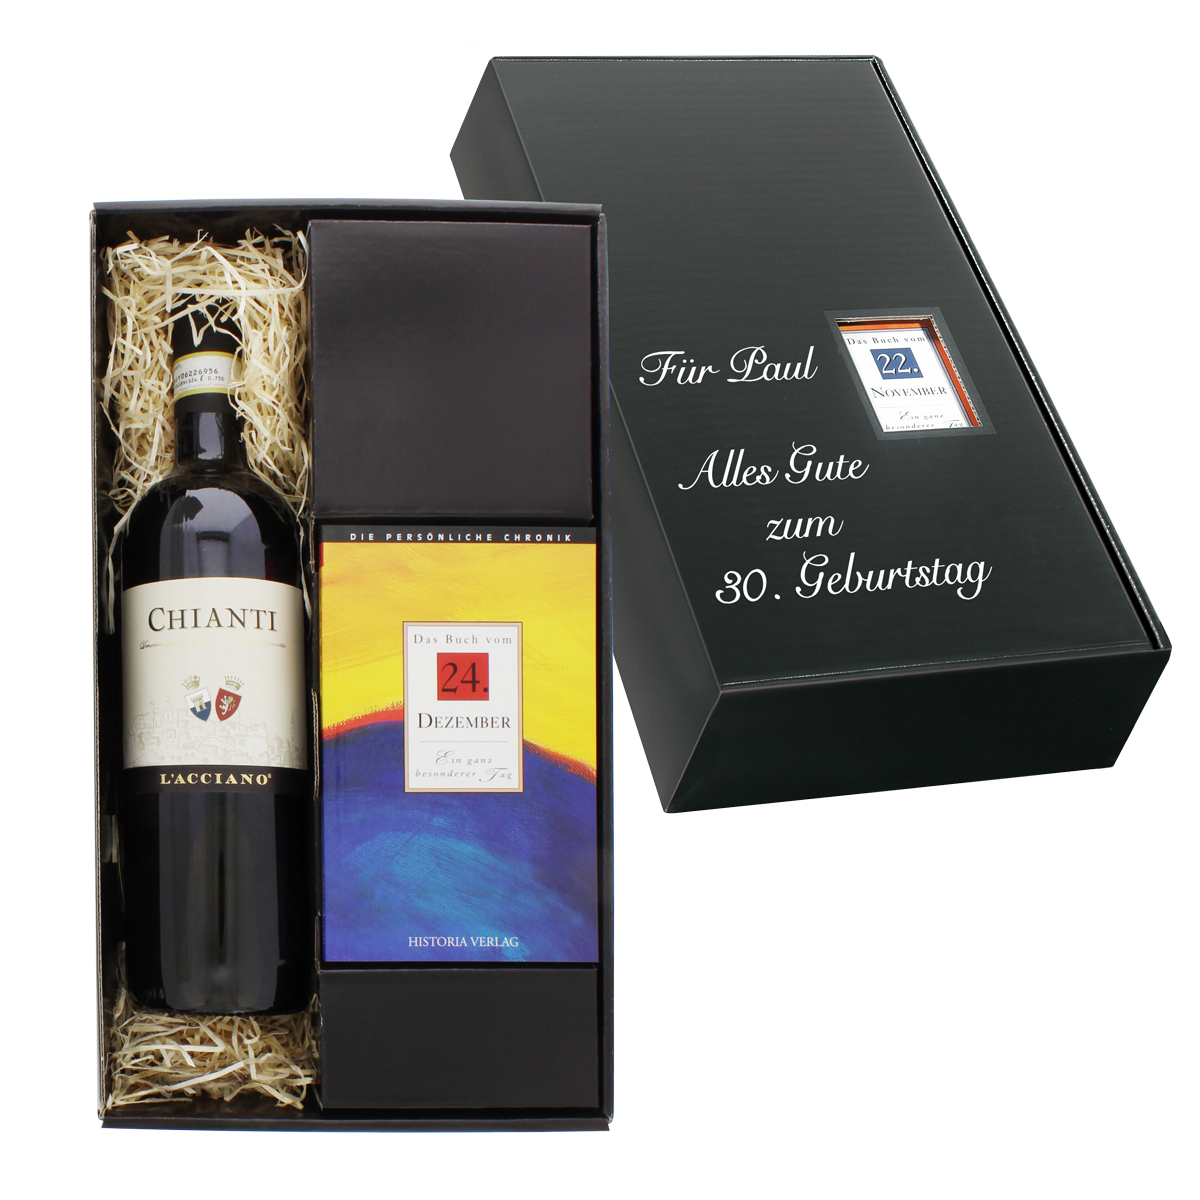 Italien-Set: Tageschronik vom 11. August & Chianti-Wein